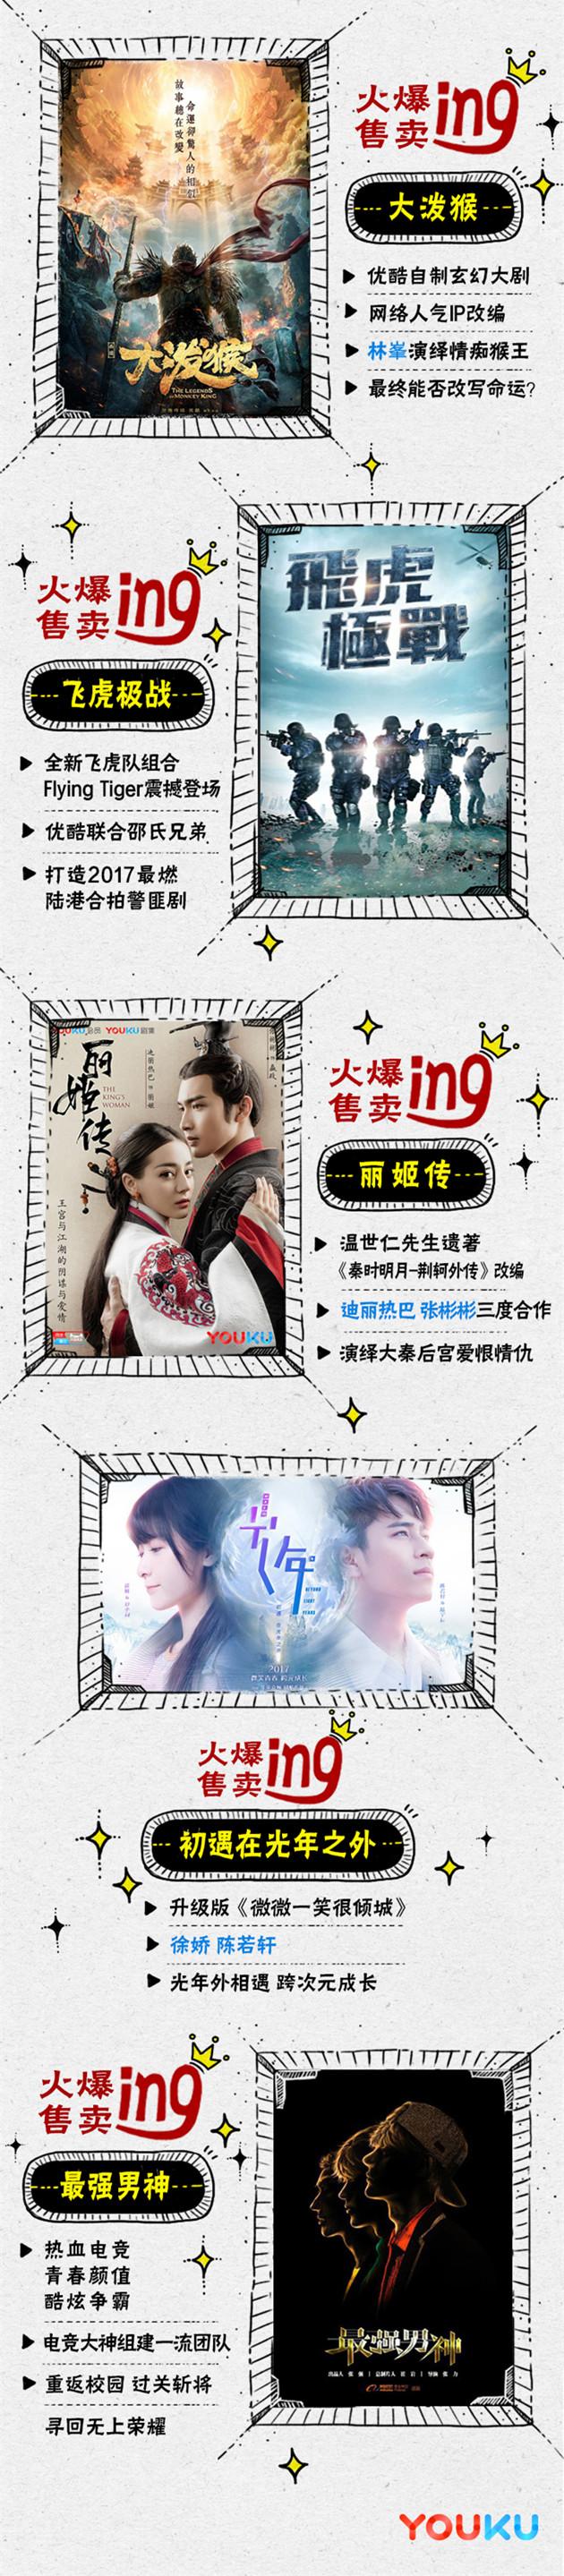 youku-20170310-5